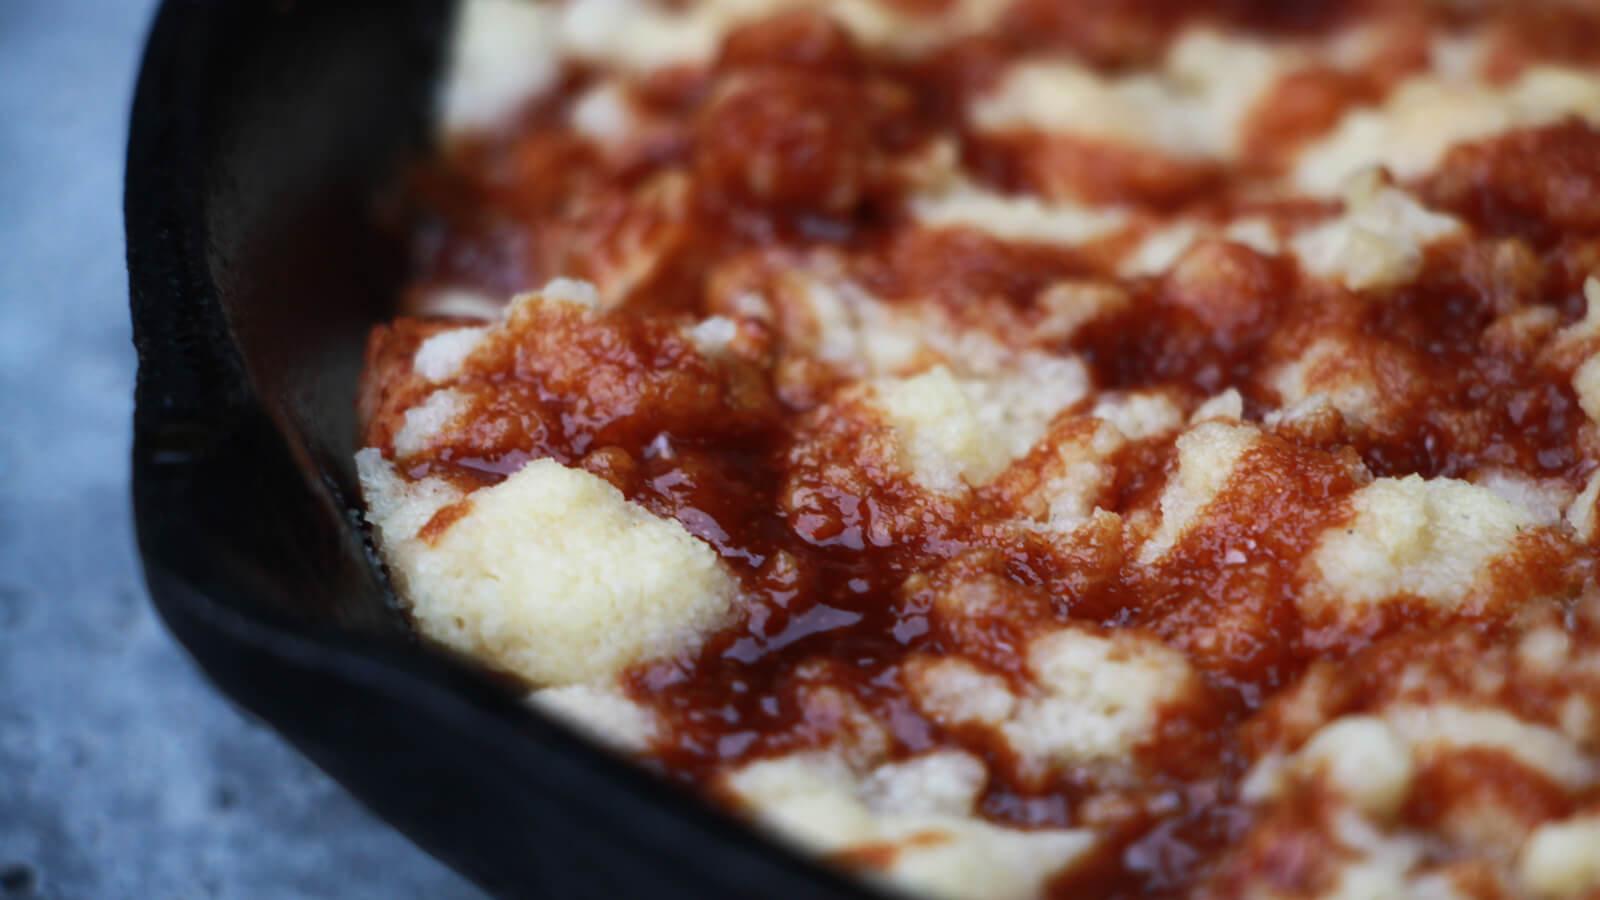 Gepofte Zoete Aardappelen met Pulled Chicken